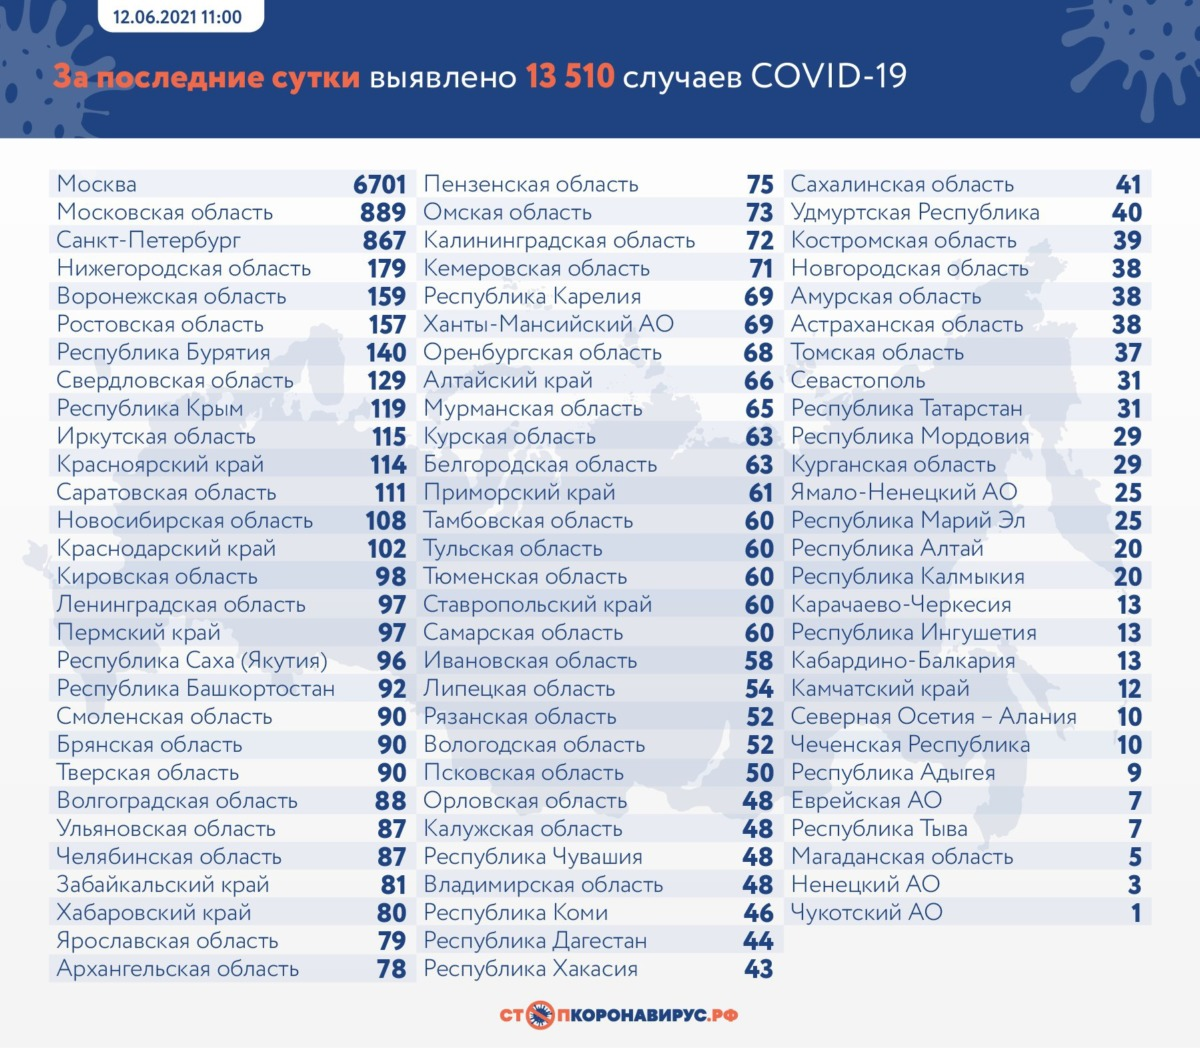 Резкий всплеск. 13,5 тысячи зараженных коронавирусом в России за сутки